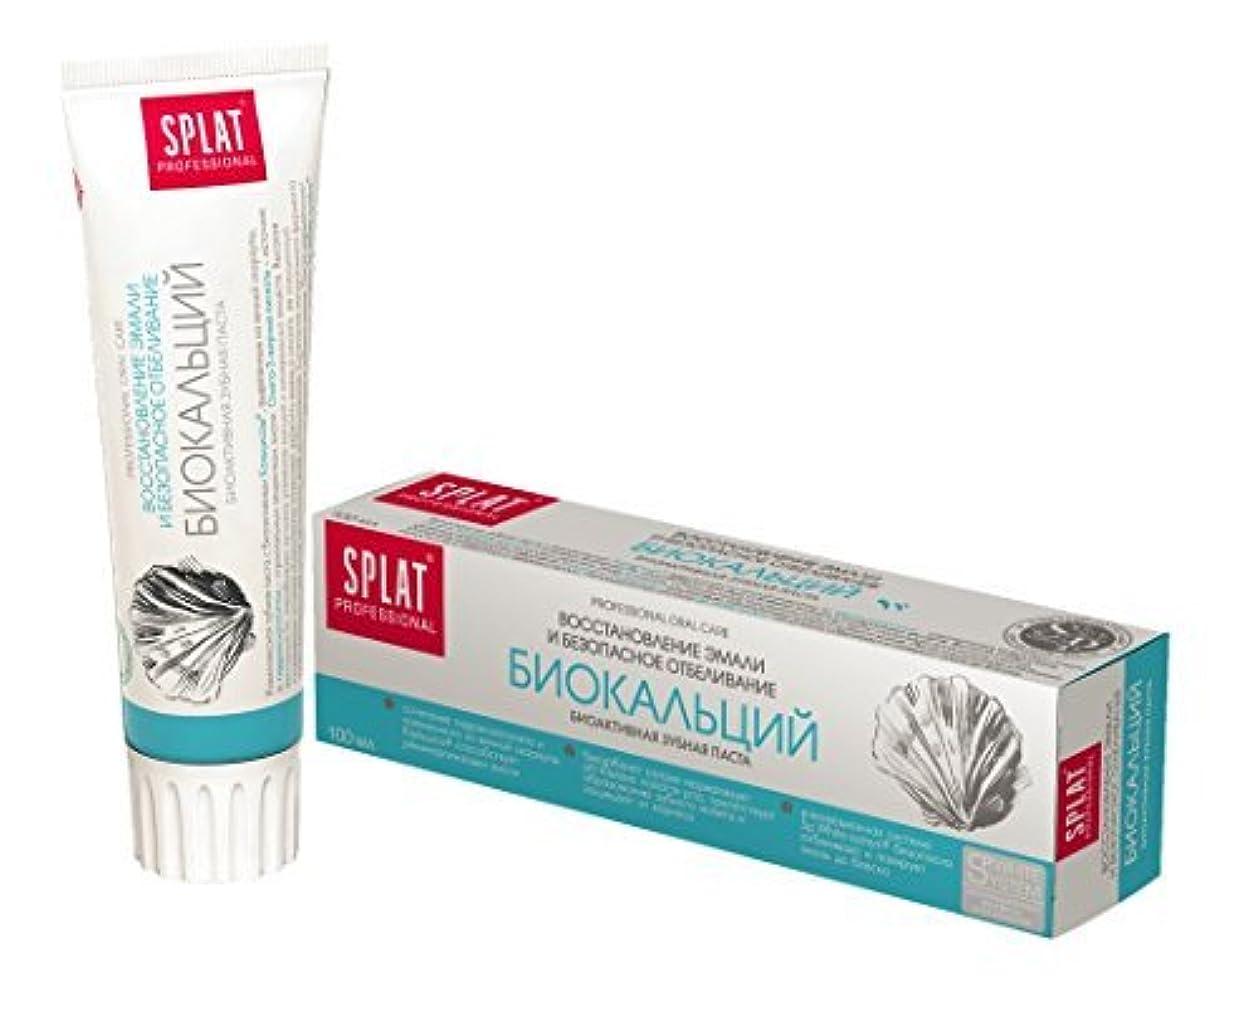 計画的アフリカスポーツToothpaste Splat Biocalcium Restores Enamel and Safe Whitening 100ml by Splat